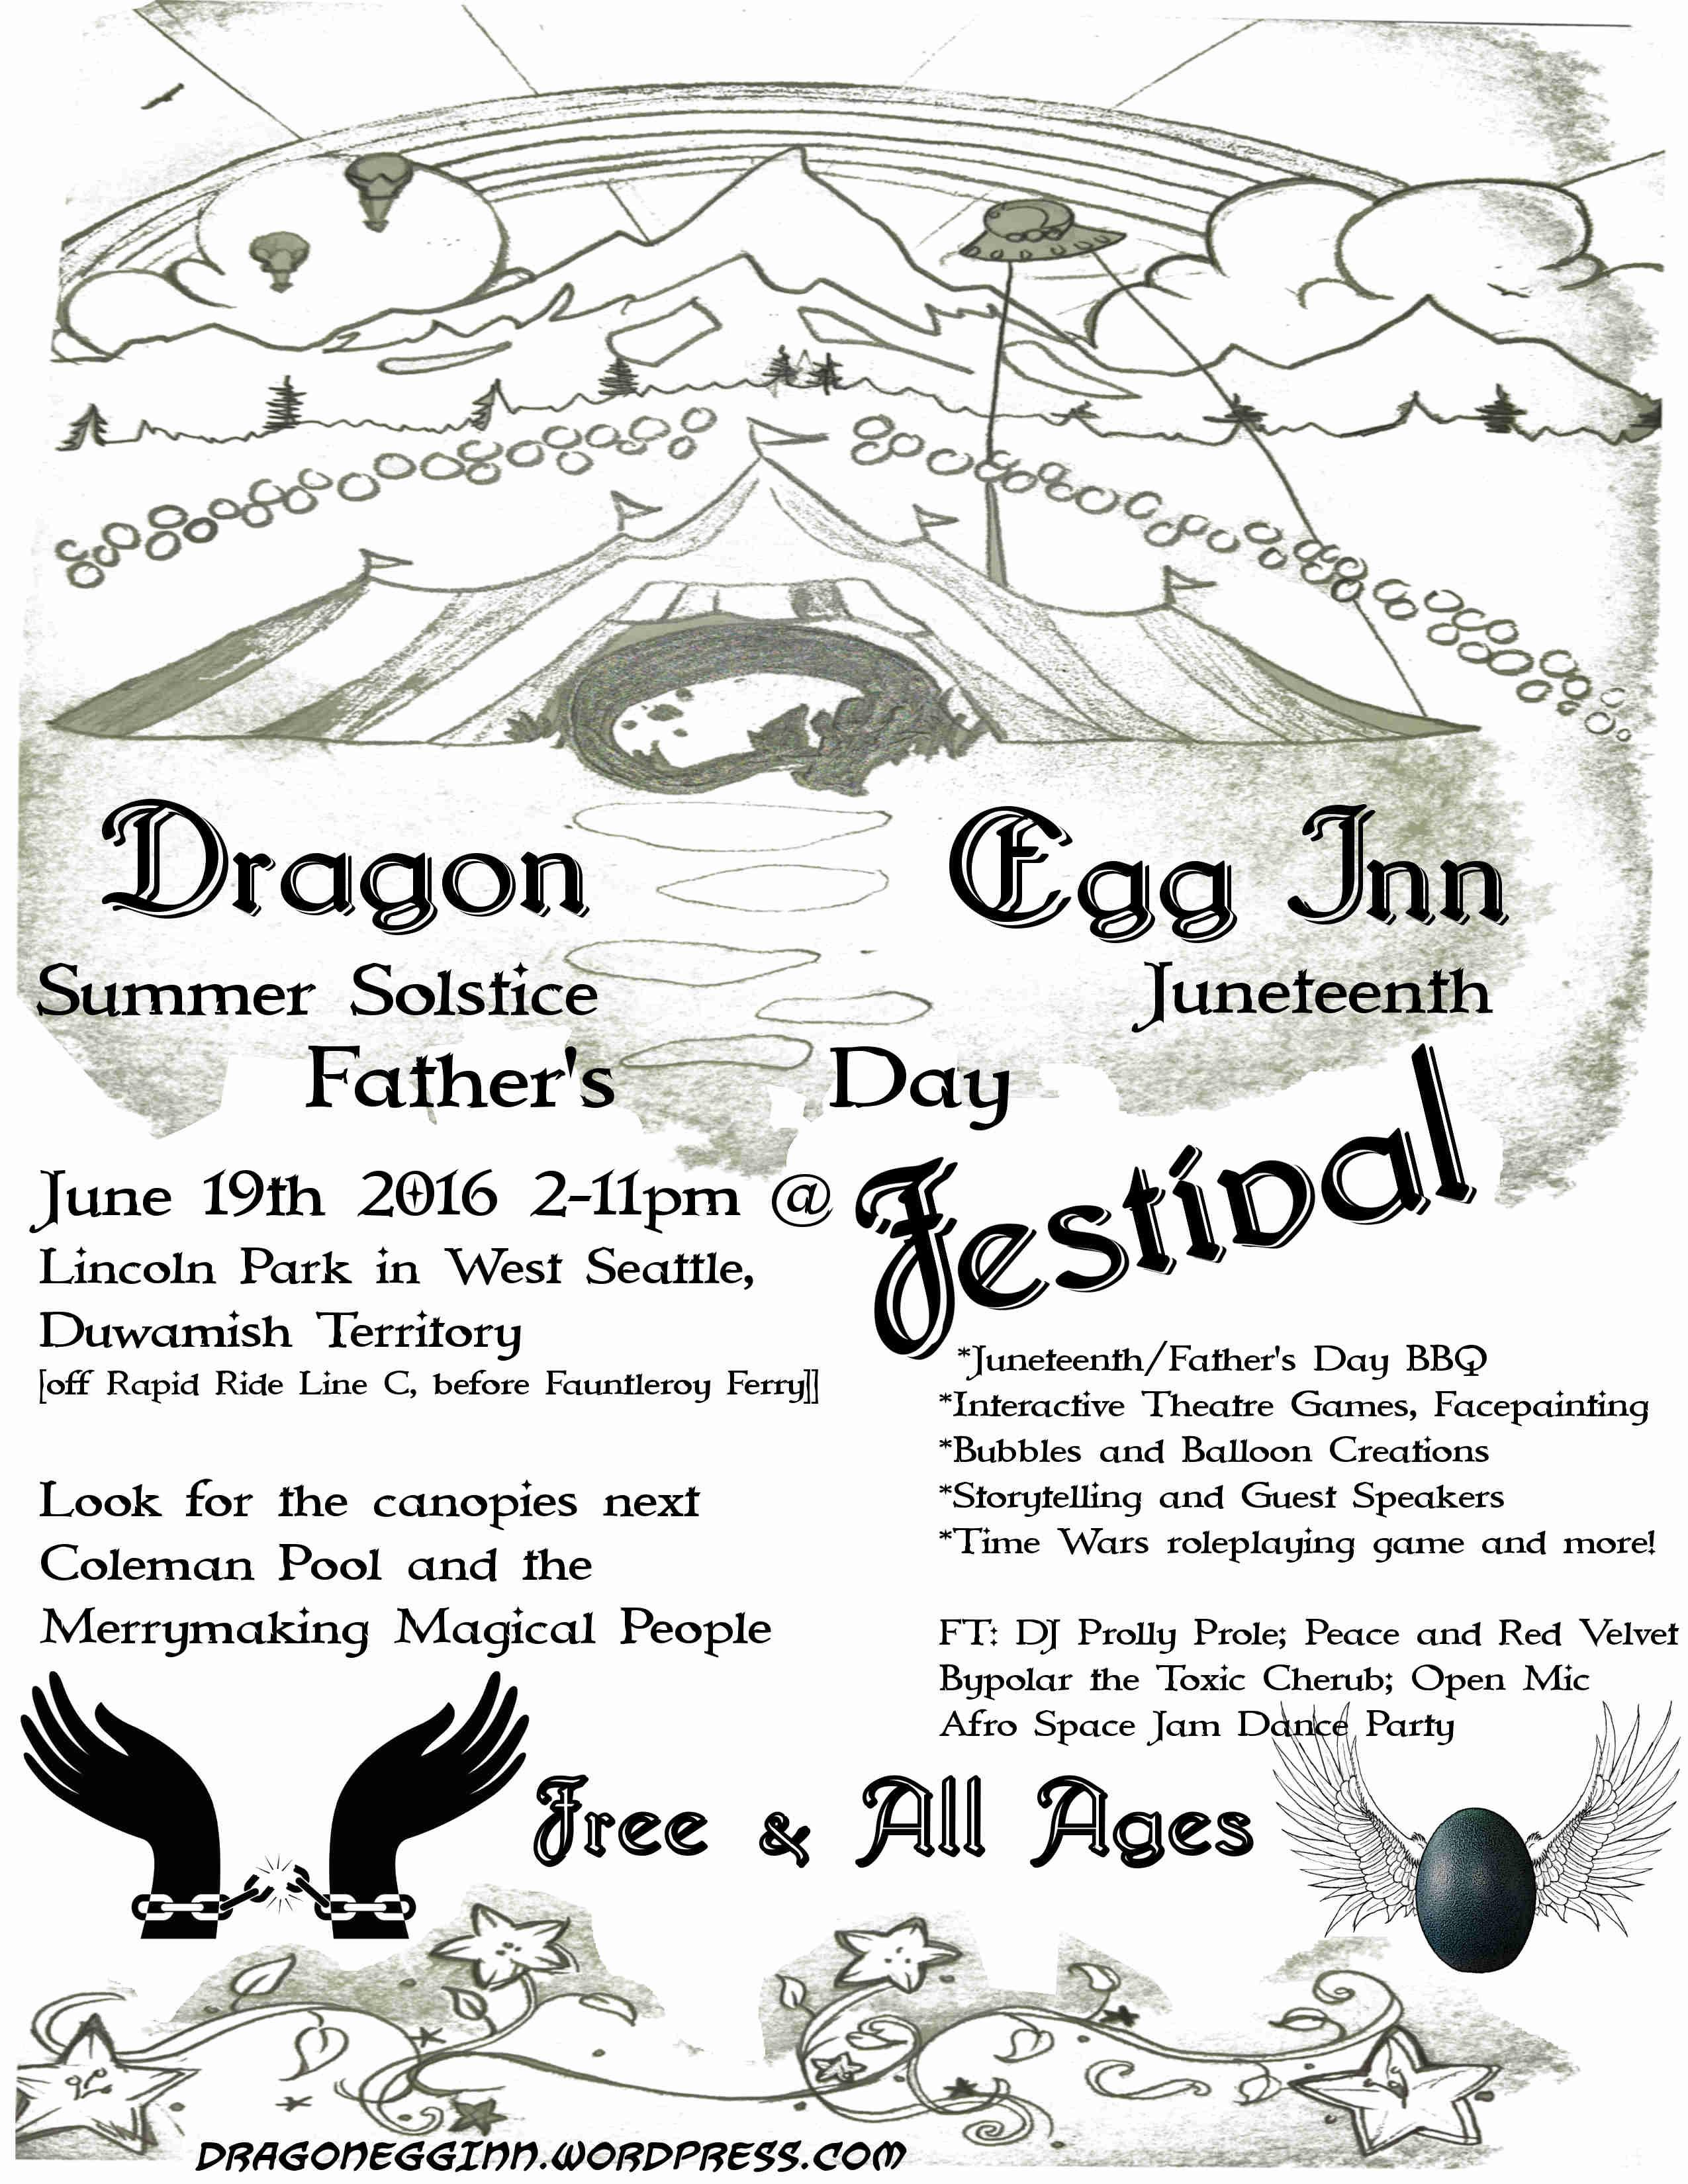 https://dragonegginn.files.wordpress.com/2016/05/dei-fest-8-5x11.jpg